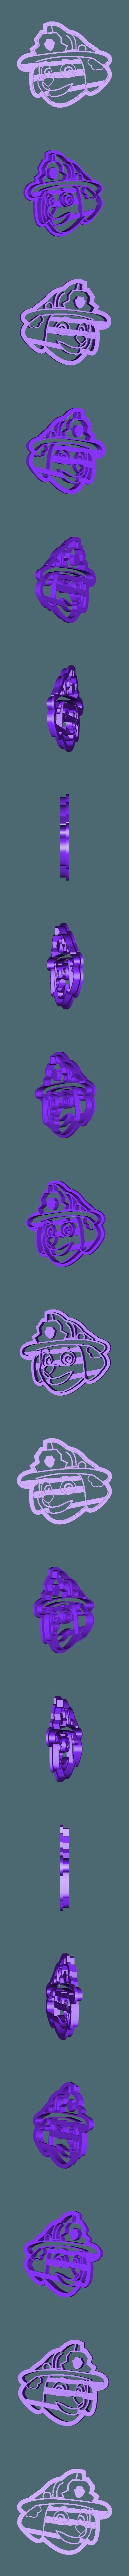 Marshall fixed.stl Télécharger fichier STL Ensemble de coupe-cuisine de la Patrouille des pattes • Modèle pour imprimante 3D, davidruizo